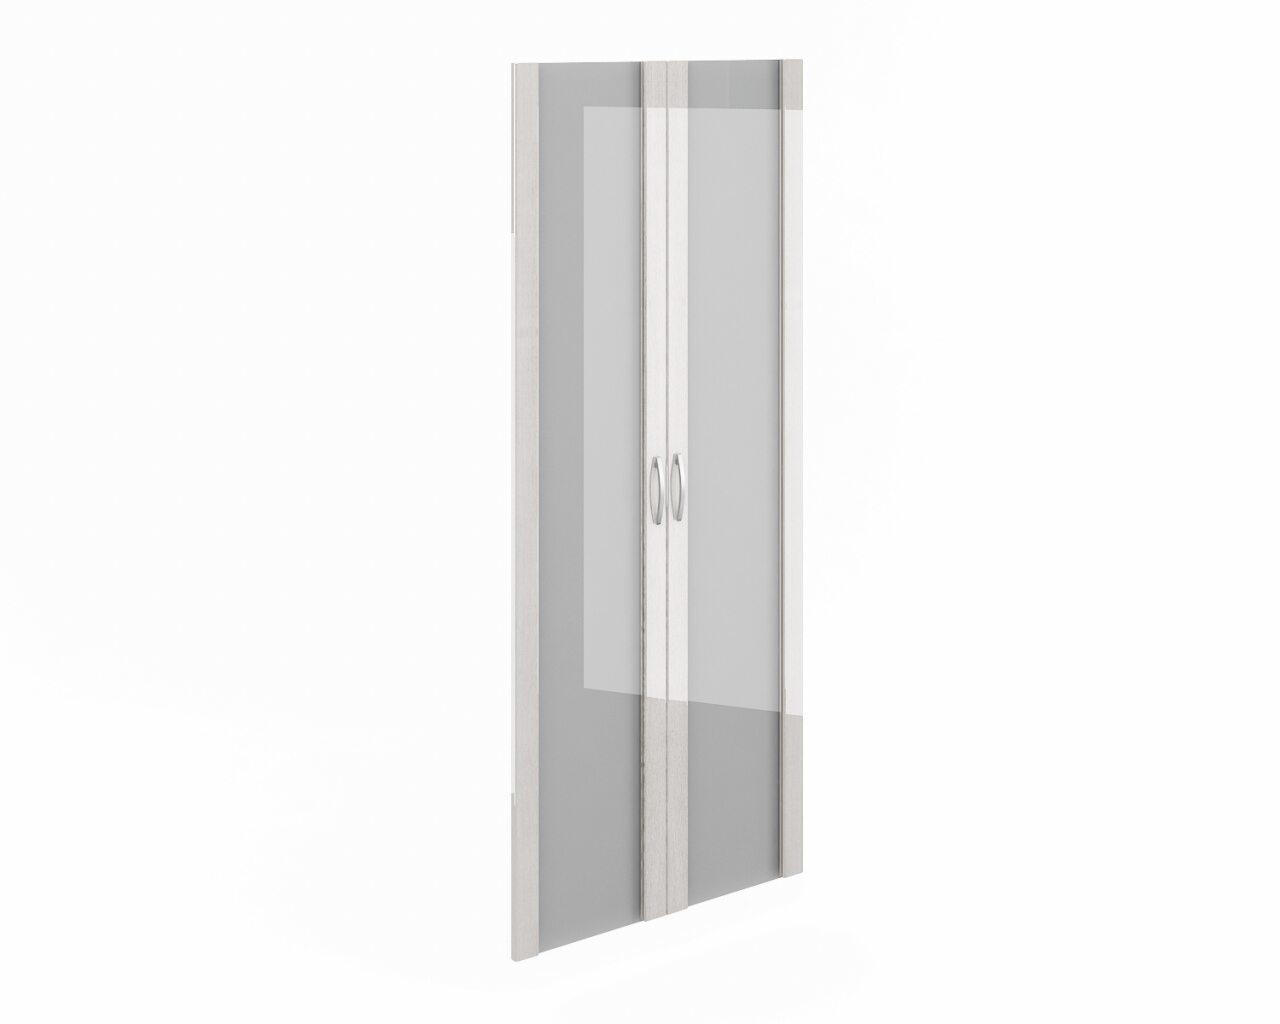 Дверь высокая стекло в рамке МДФ  КОНСУЛ II 2x40x191 - фото 1